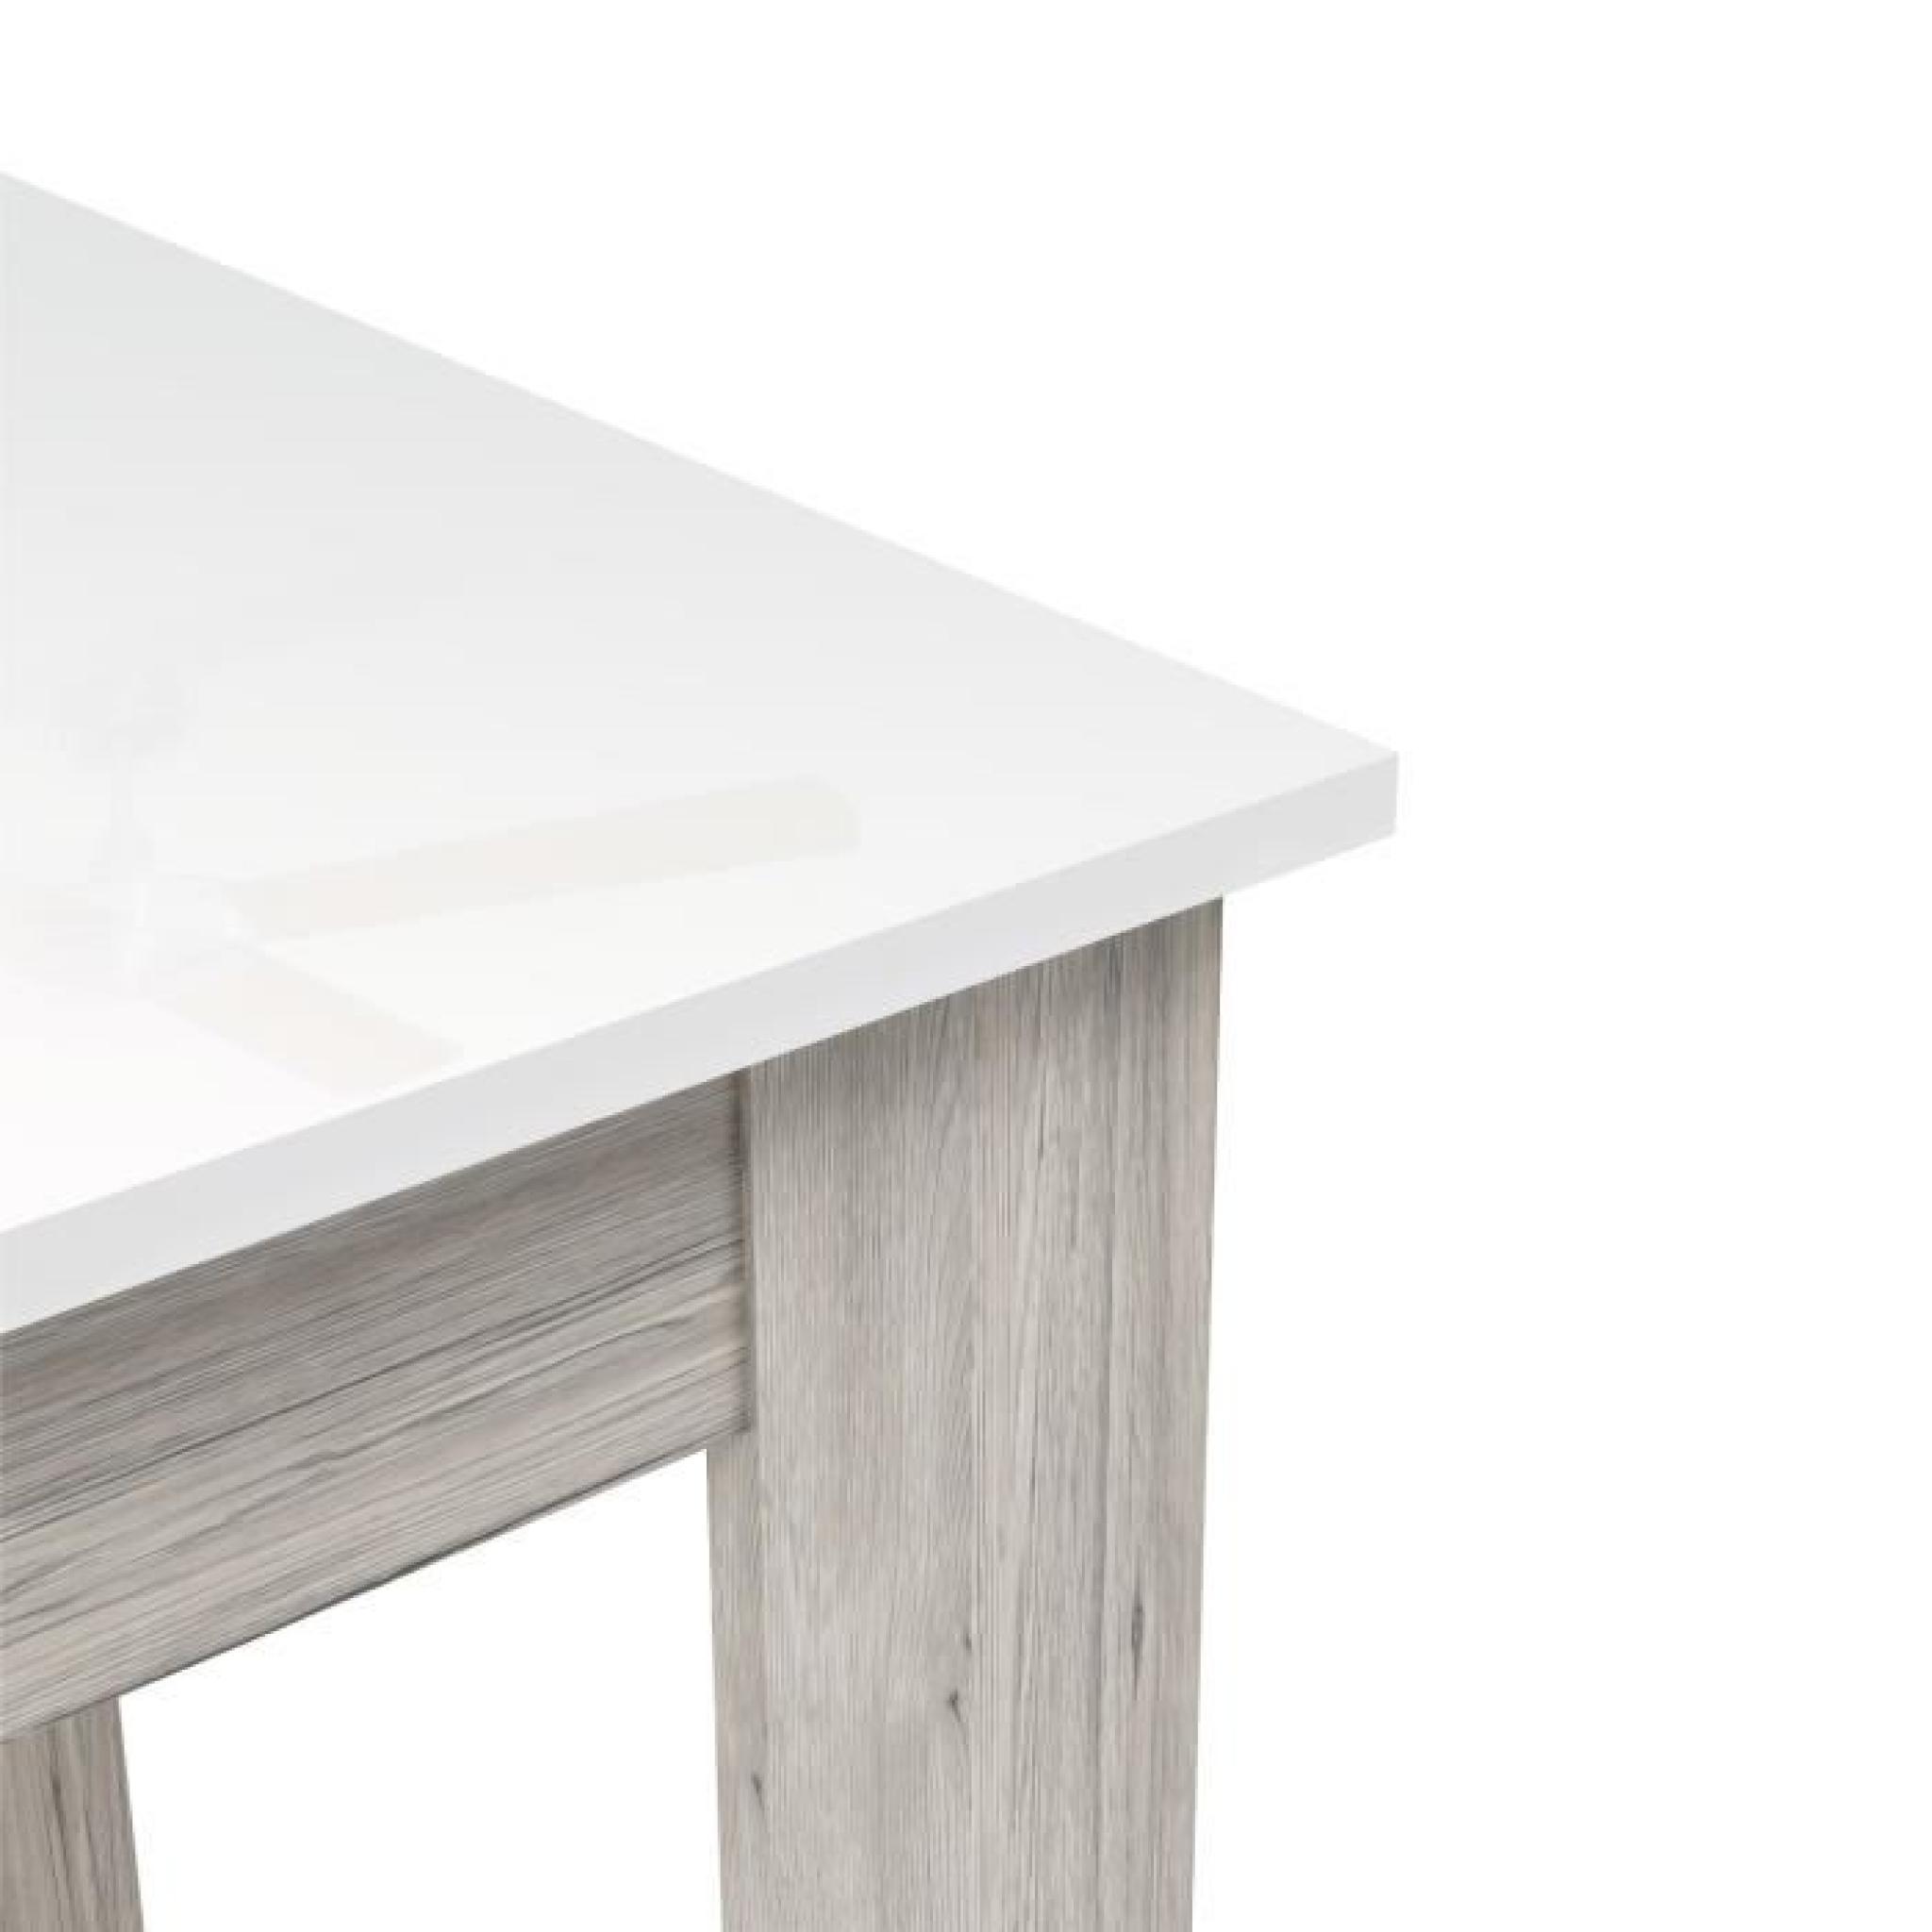 FINLANDEK Table de bar TIETTI 110x110cm - Laqué blanc brillant et ...